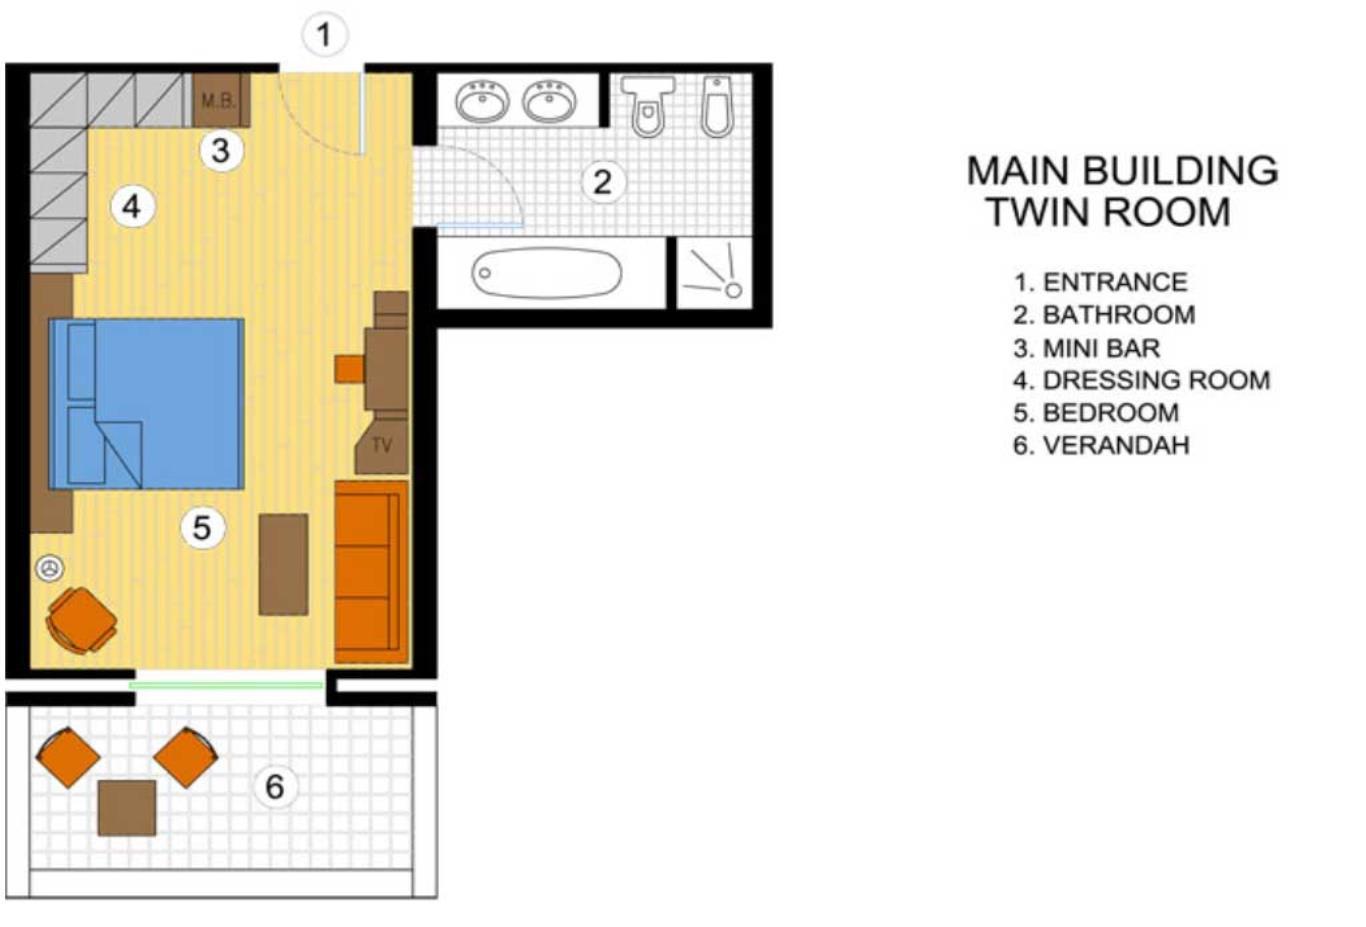 Twin Room floorplan